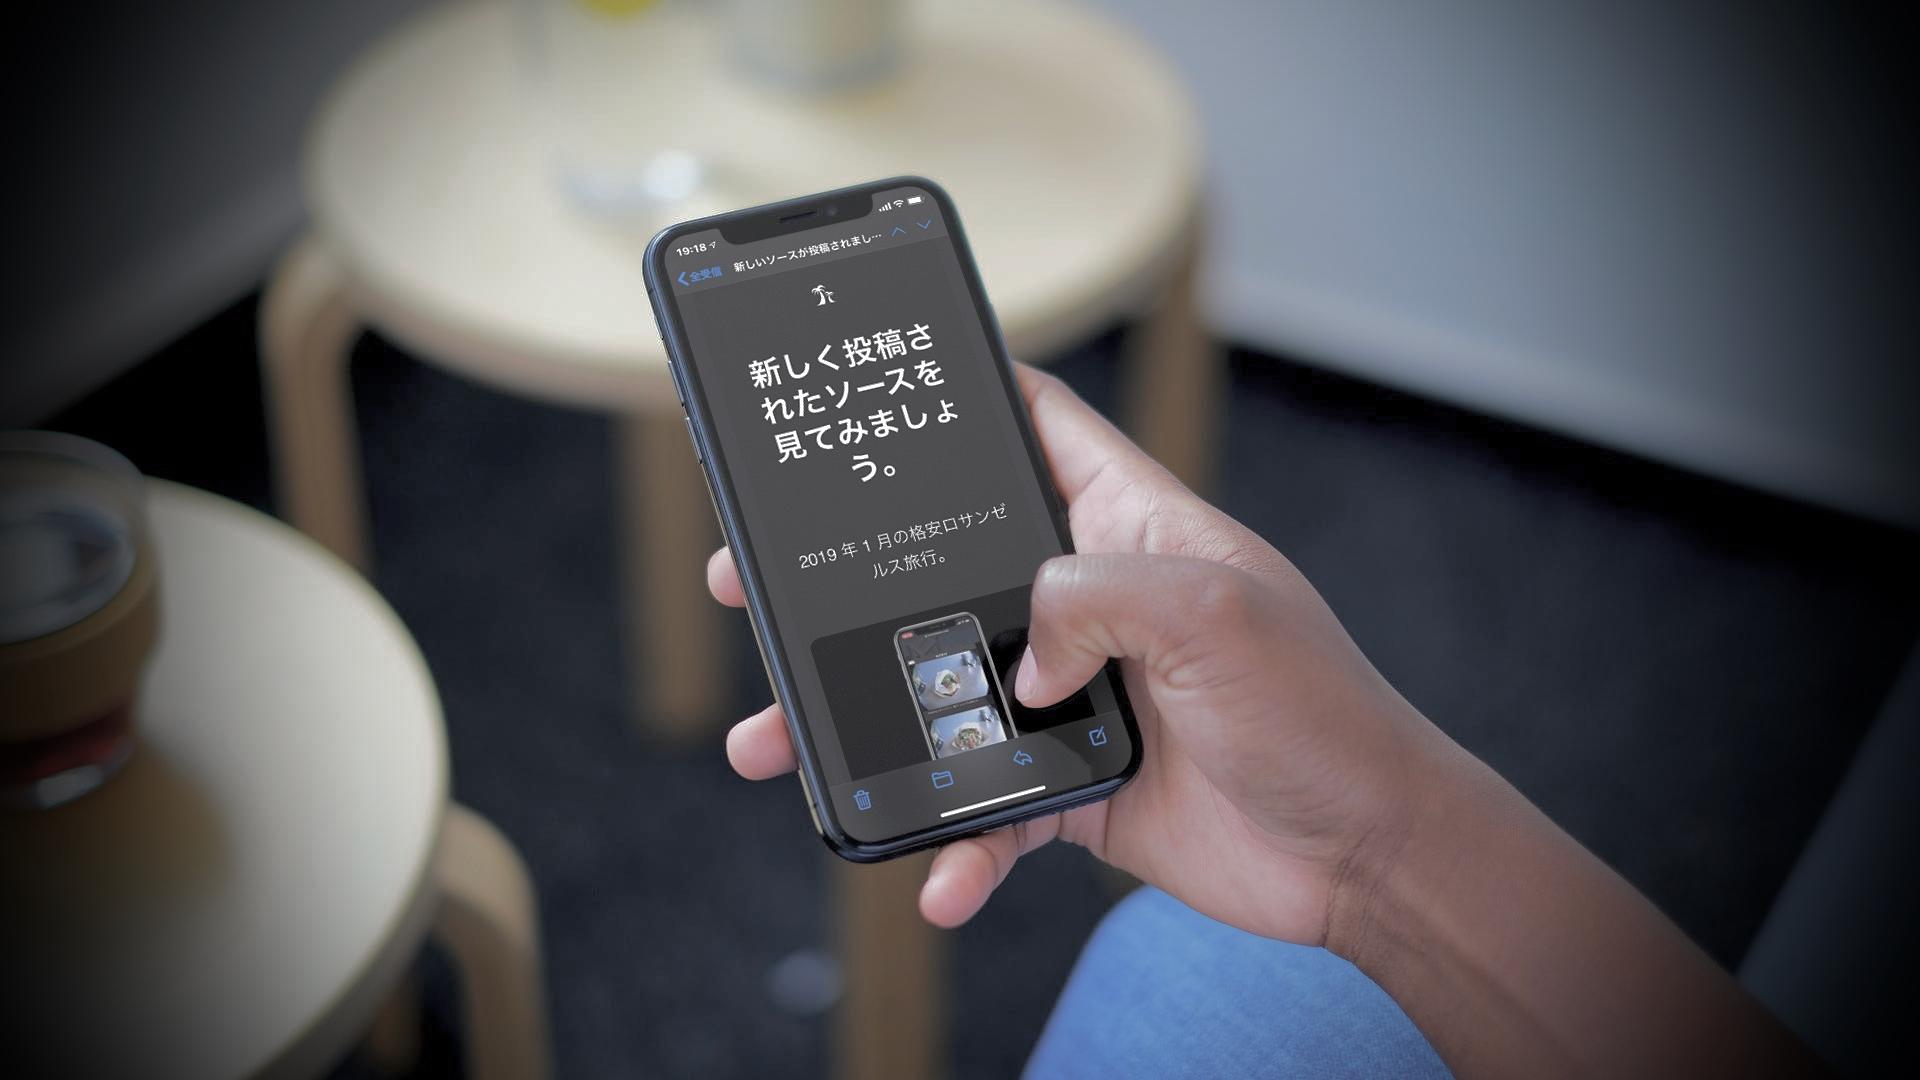 iPhone を手に持っている、画面には Mail Magazine が映し出されている。